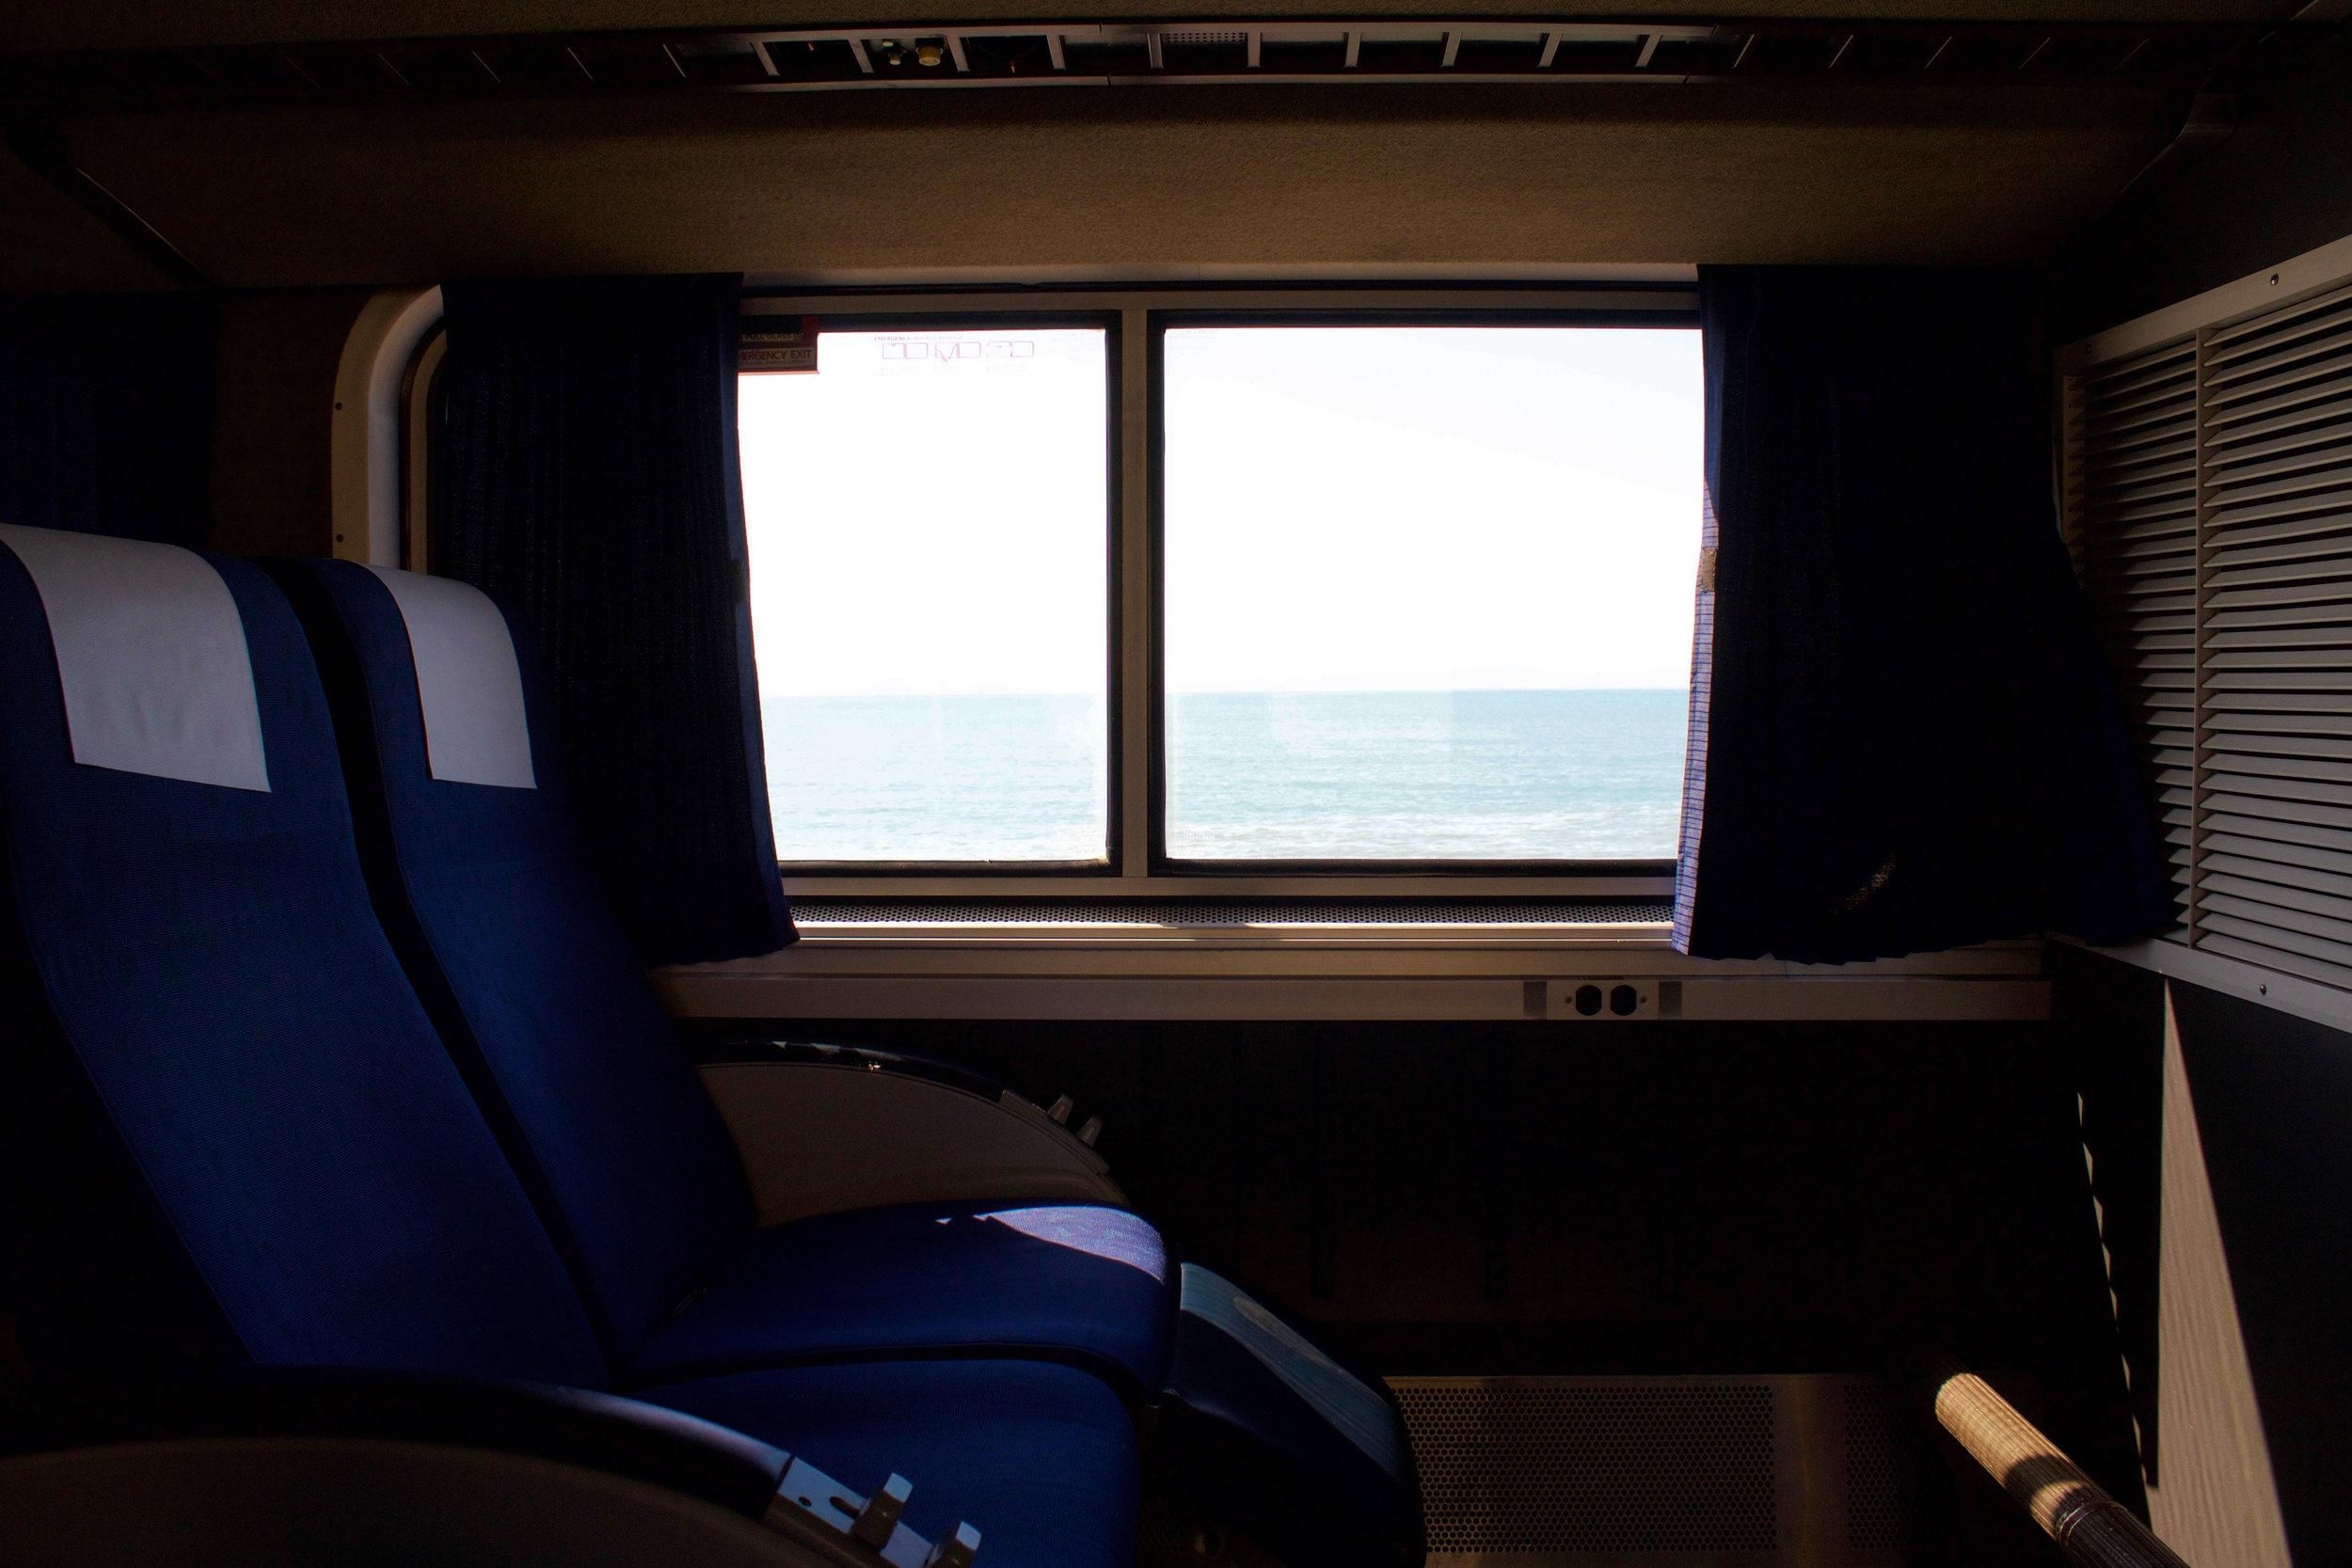 OceanTrain_LG.jpg